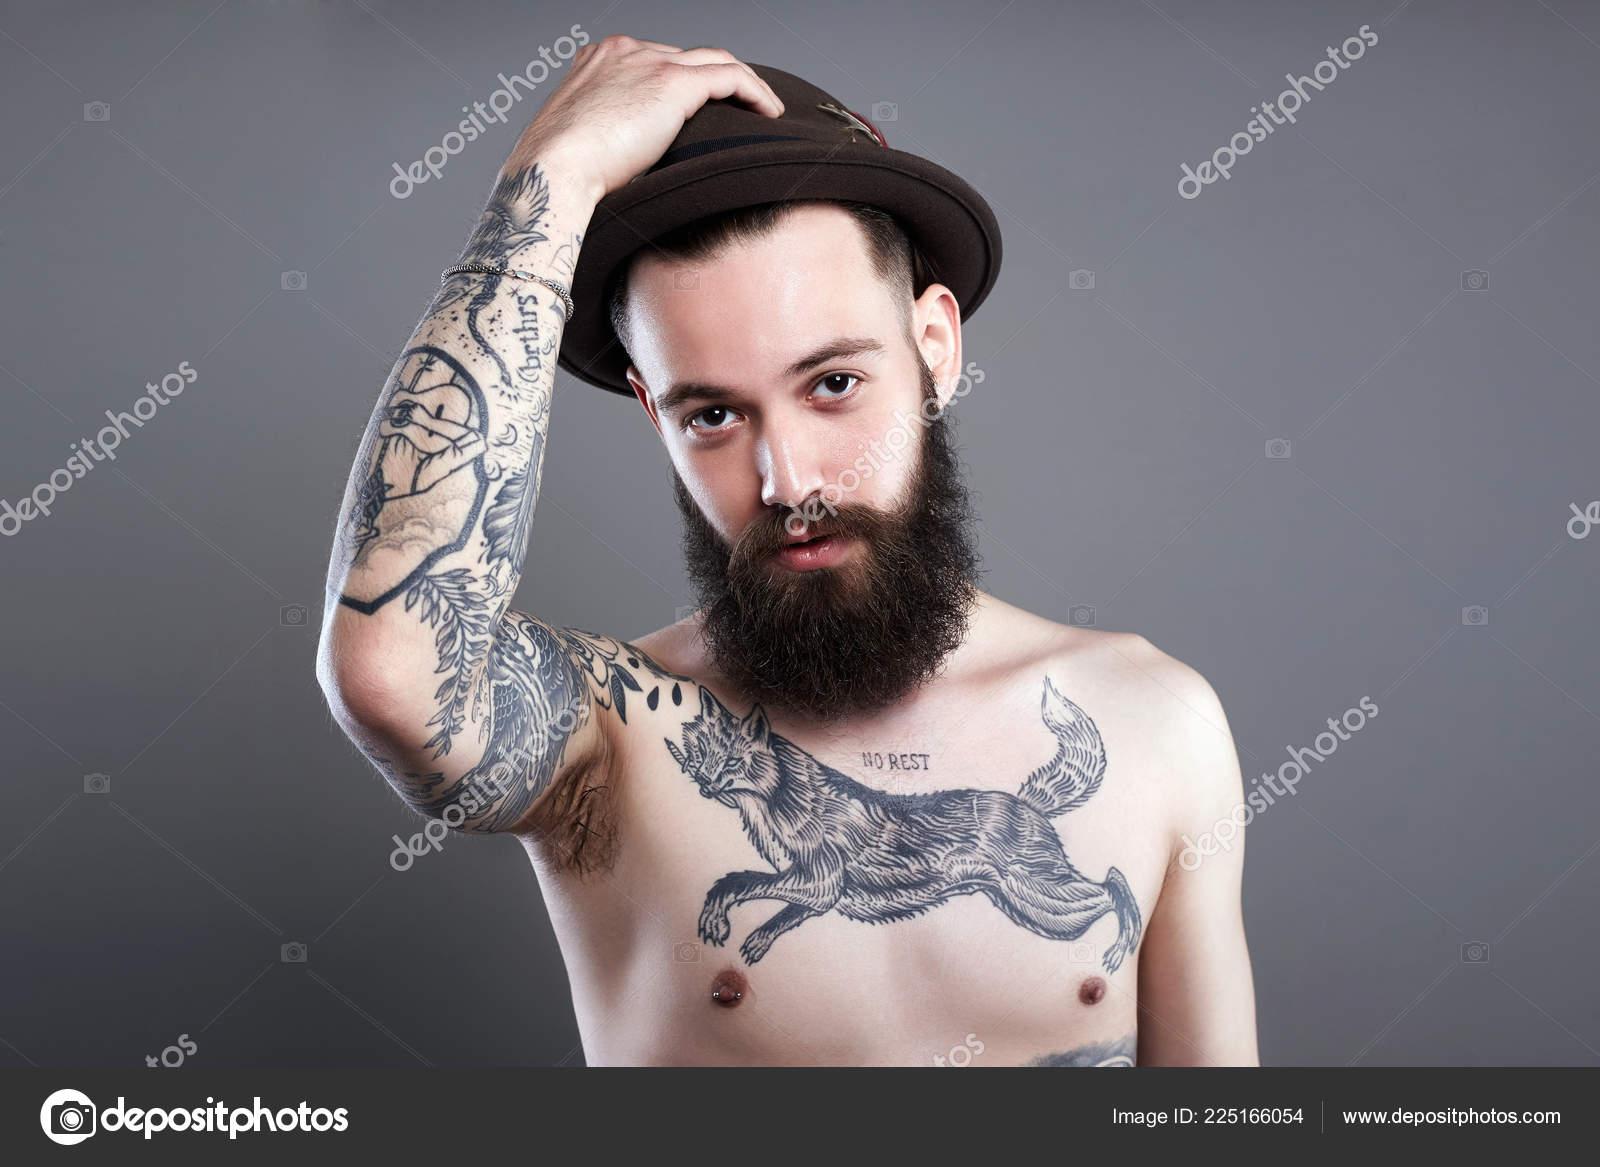 Guapo Hombre Barbudo Con Sombrero Chico Hipster Con Cuerpo Tatuaje — Foto  de Stock cdf3f118936